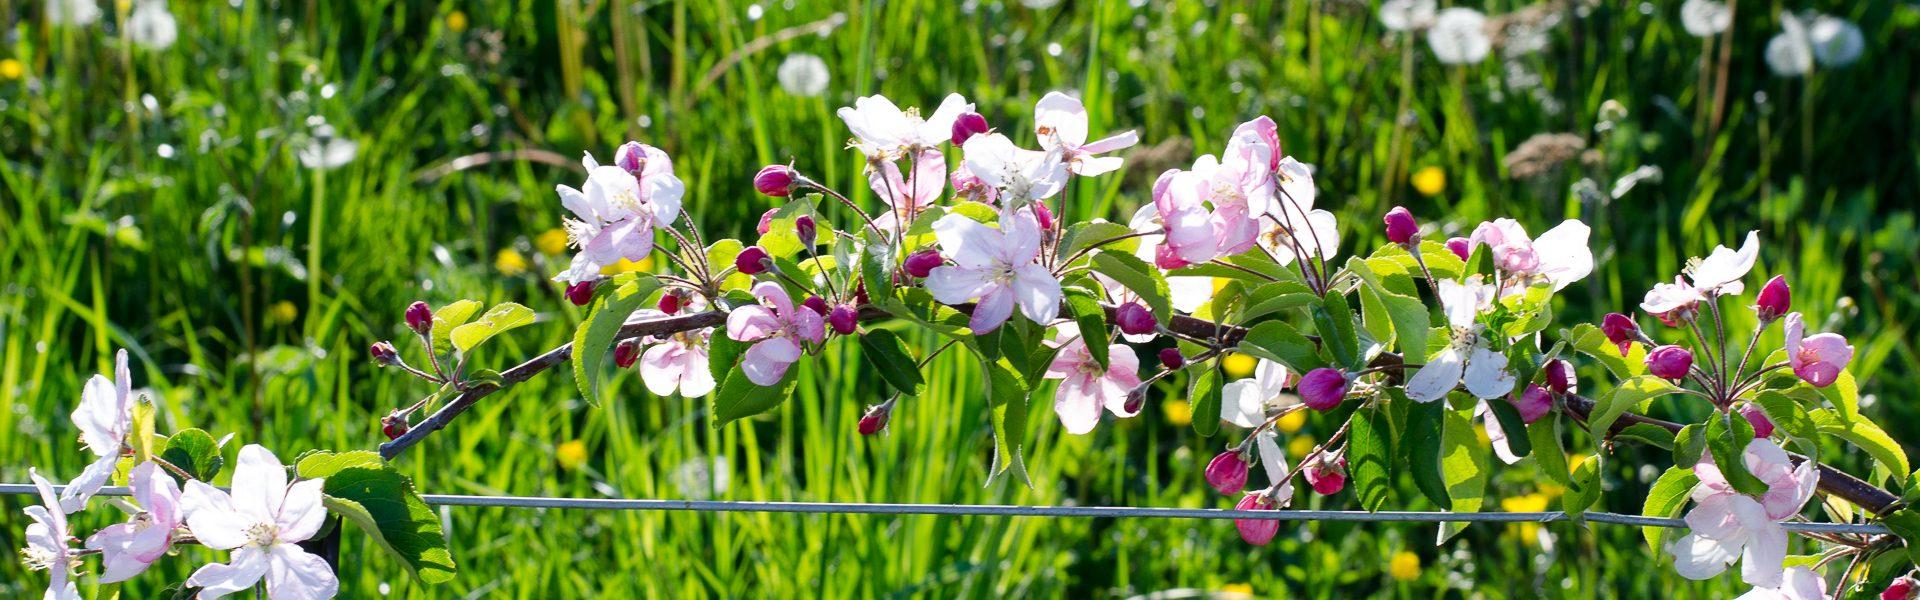 Legumes A Mettre Dans Le Jardin domainedesgorges.ch boudry gorges de l'areuse production